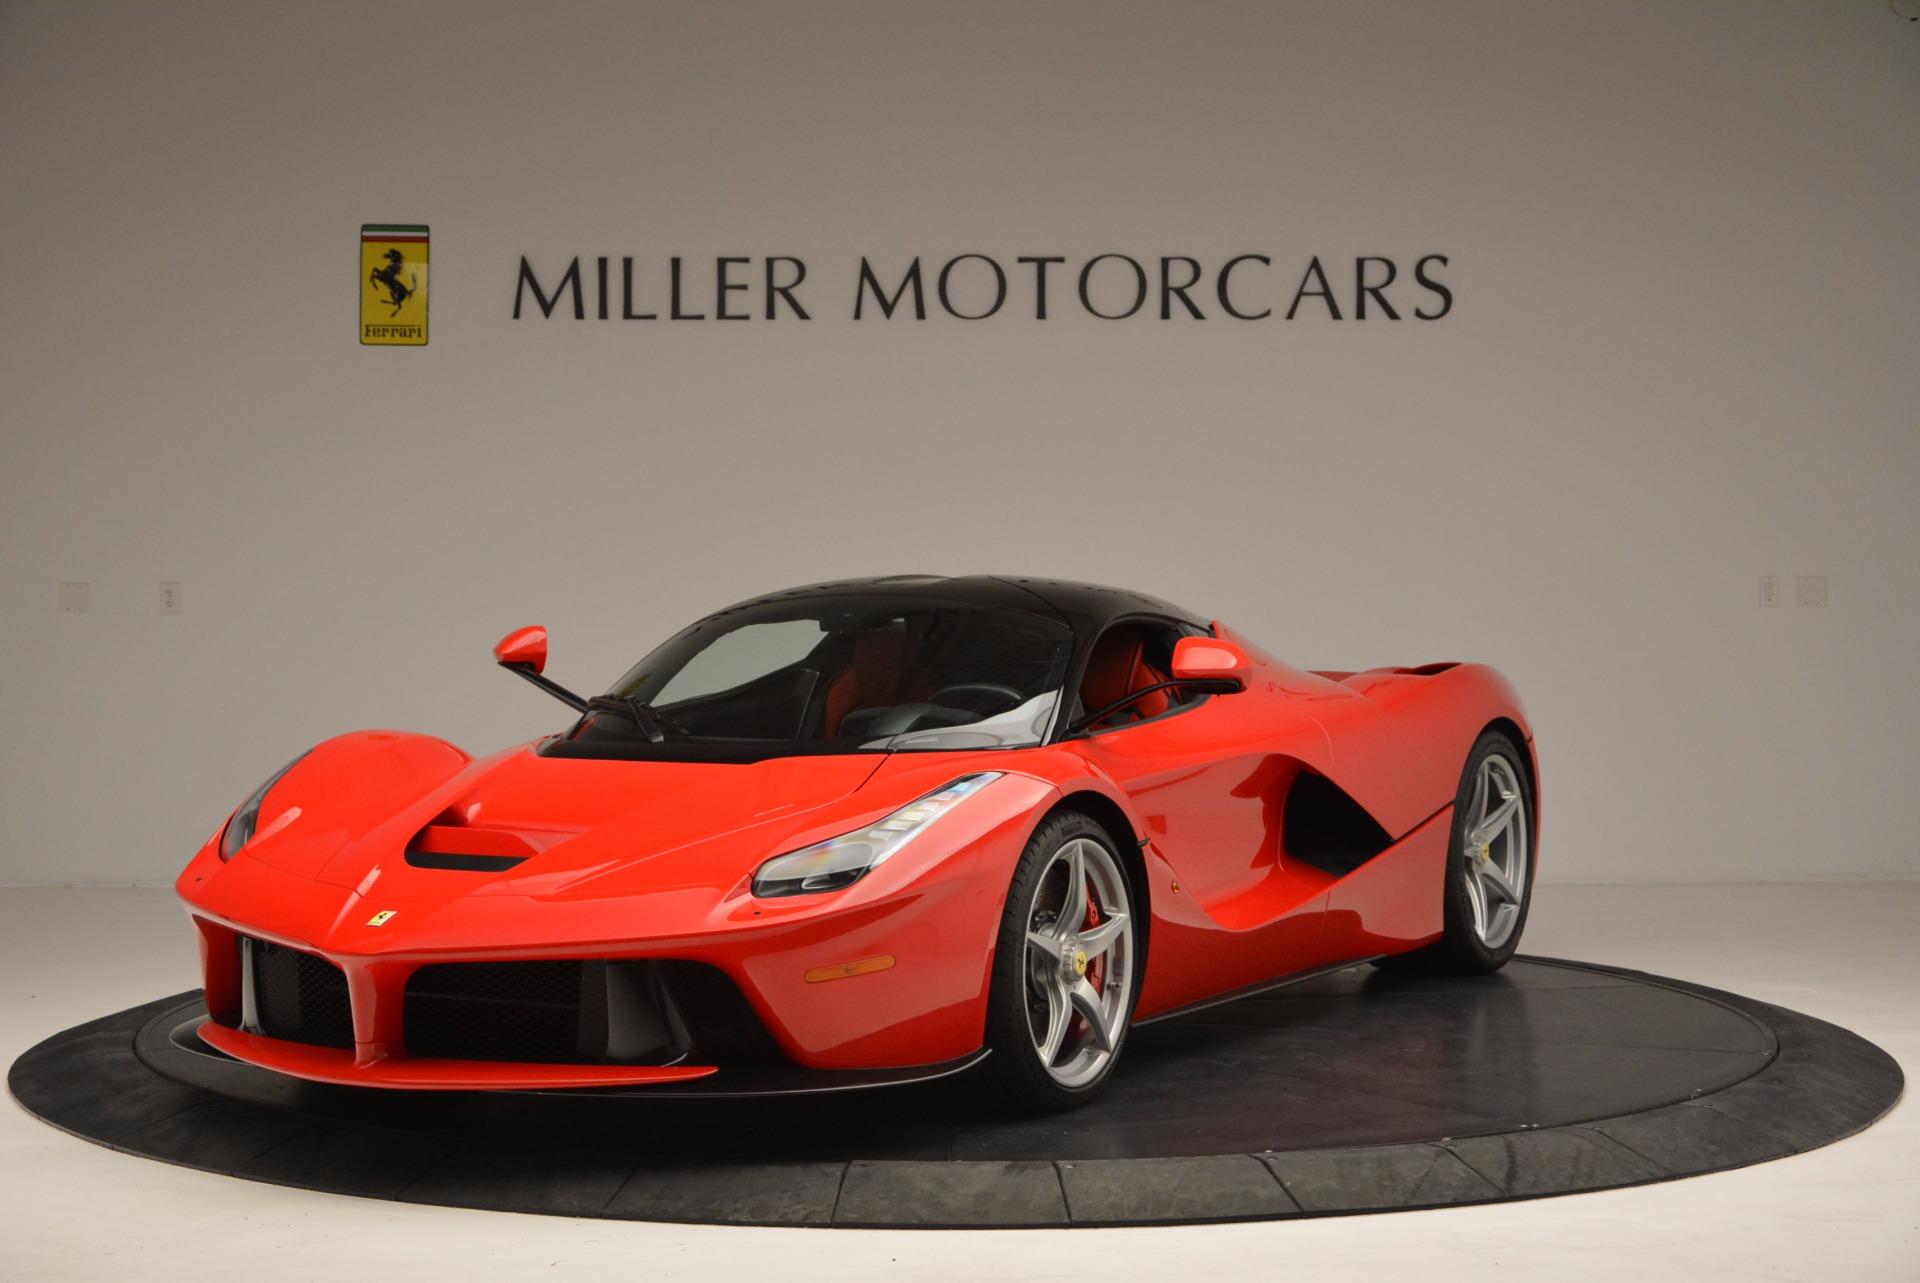 Used 2015 Ferrari LaFerrari for sale Sold at Bugatti of Greenwich in Greenwich CT 06830 1